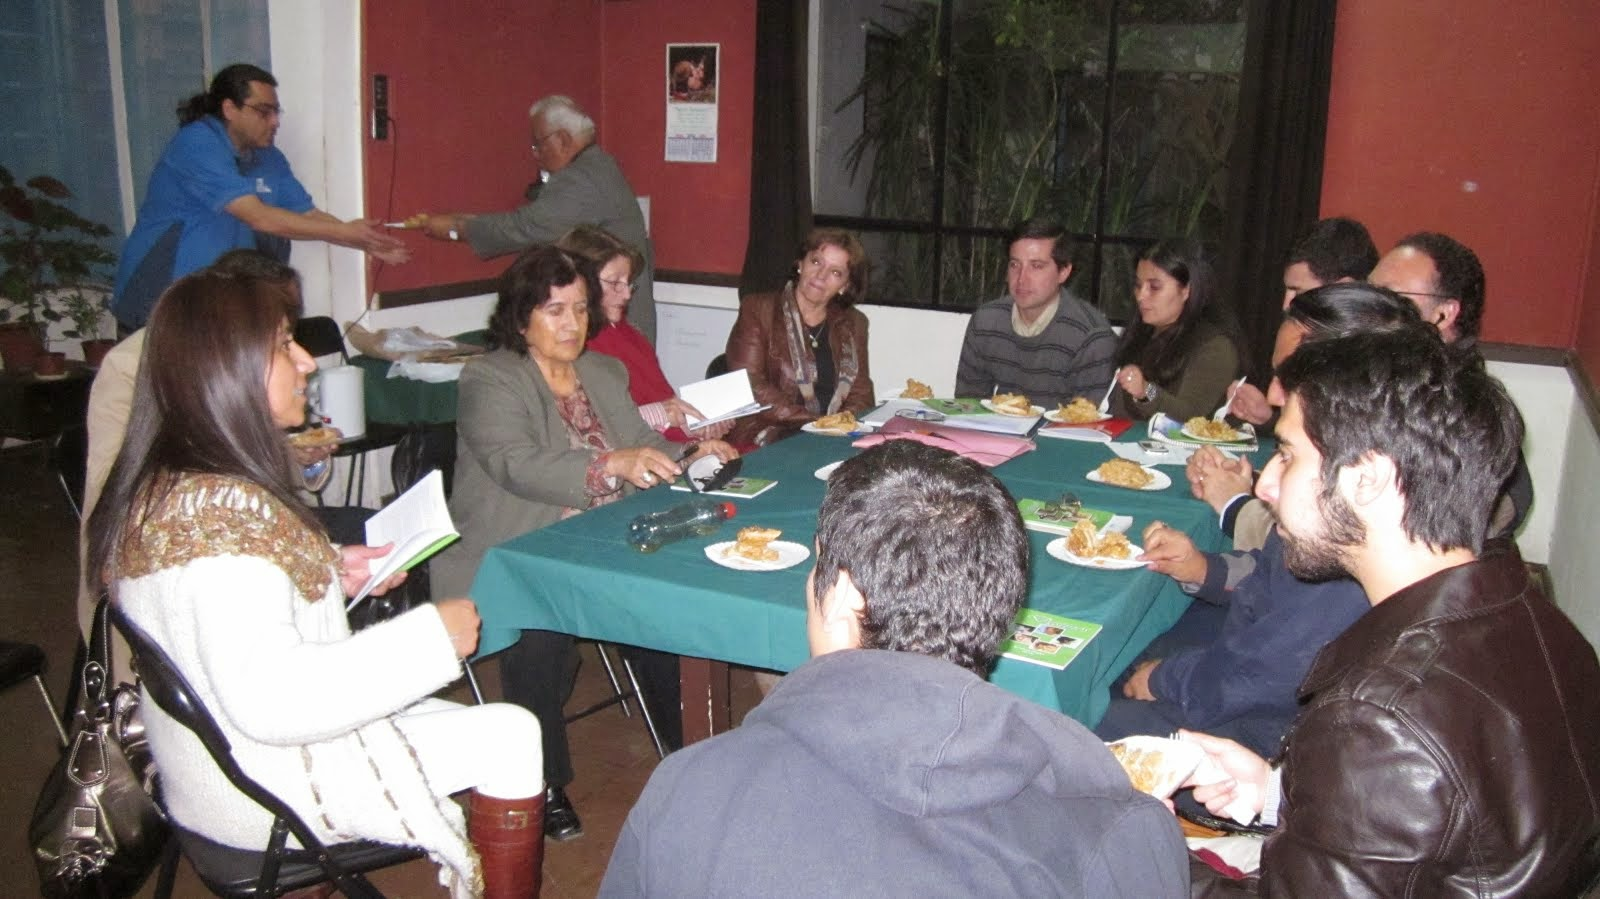 Segunda presentación de Destinos. Grupo Literario Ñuble (10 abril 2013)